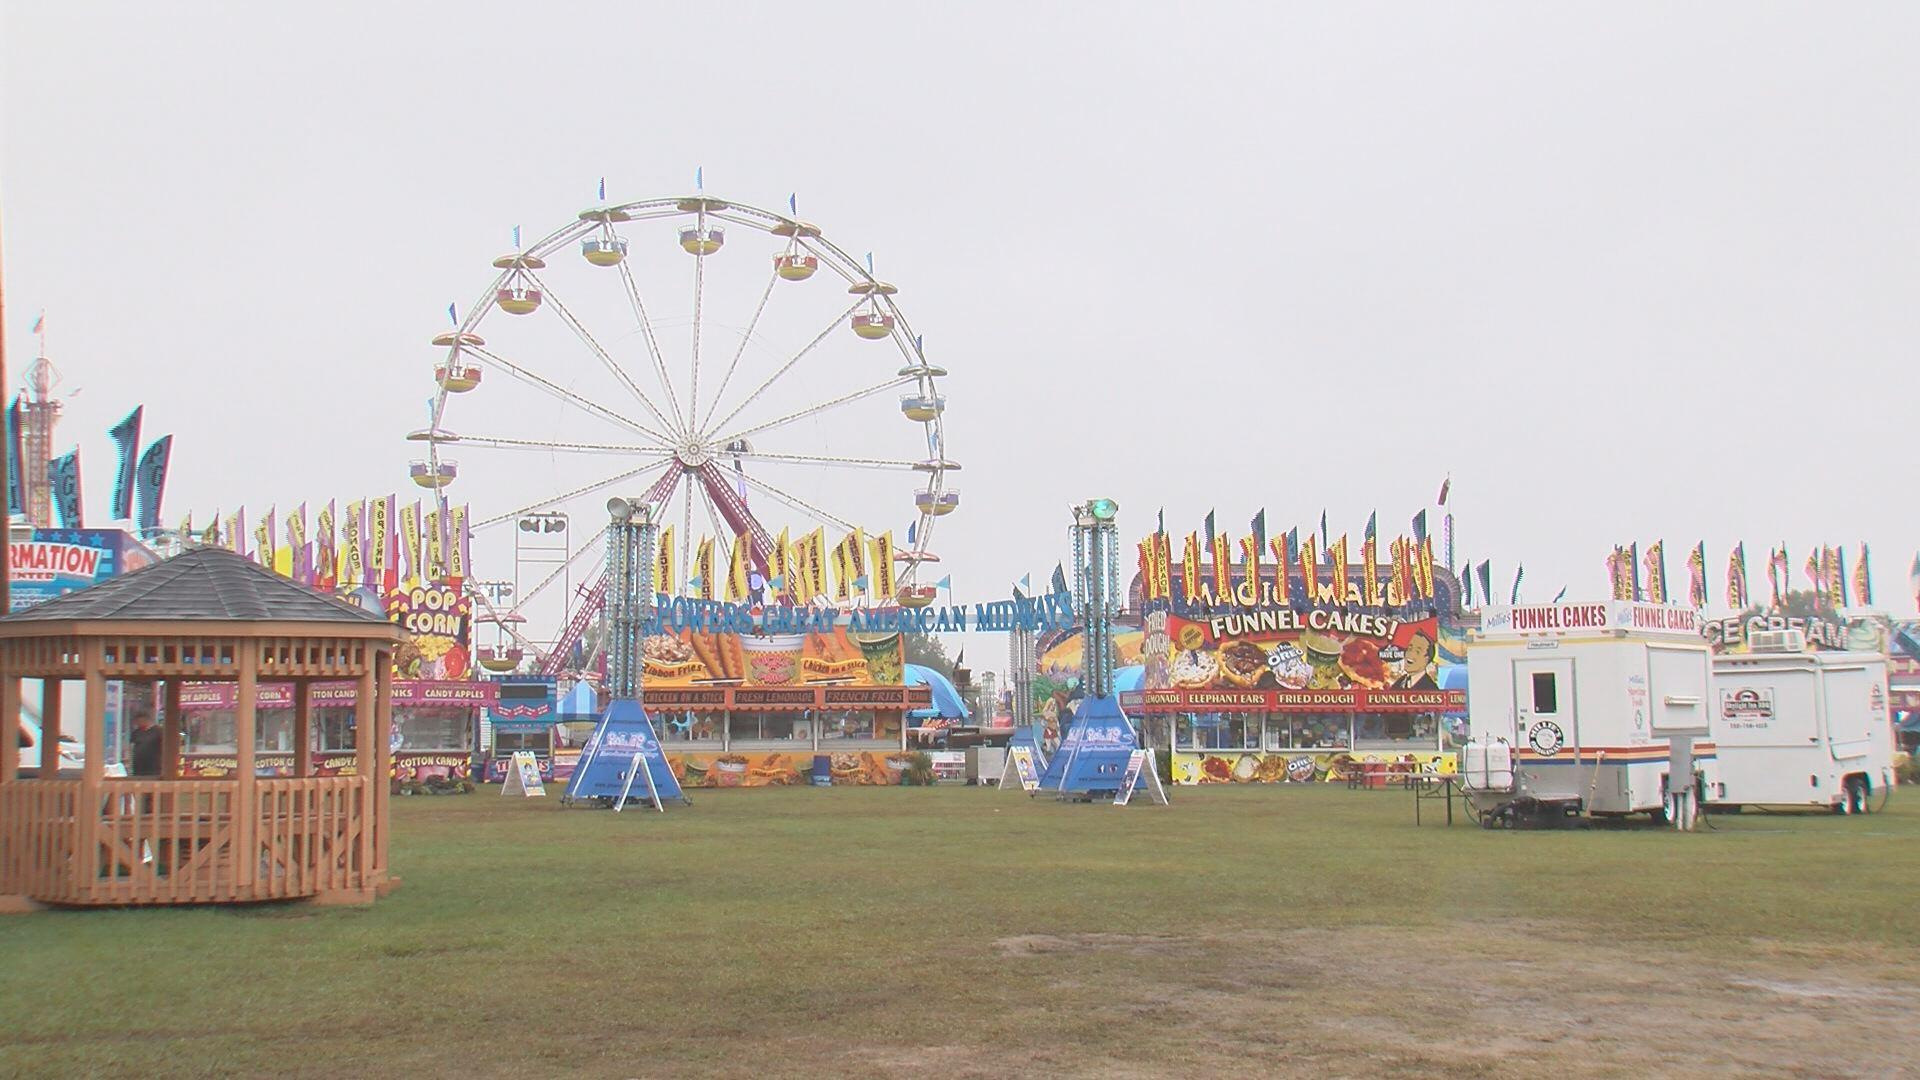 pitt-county-fair_275414